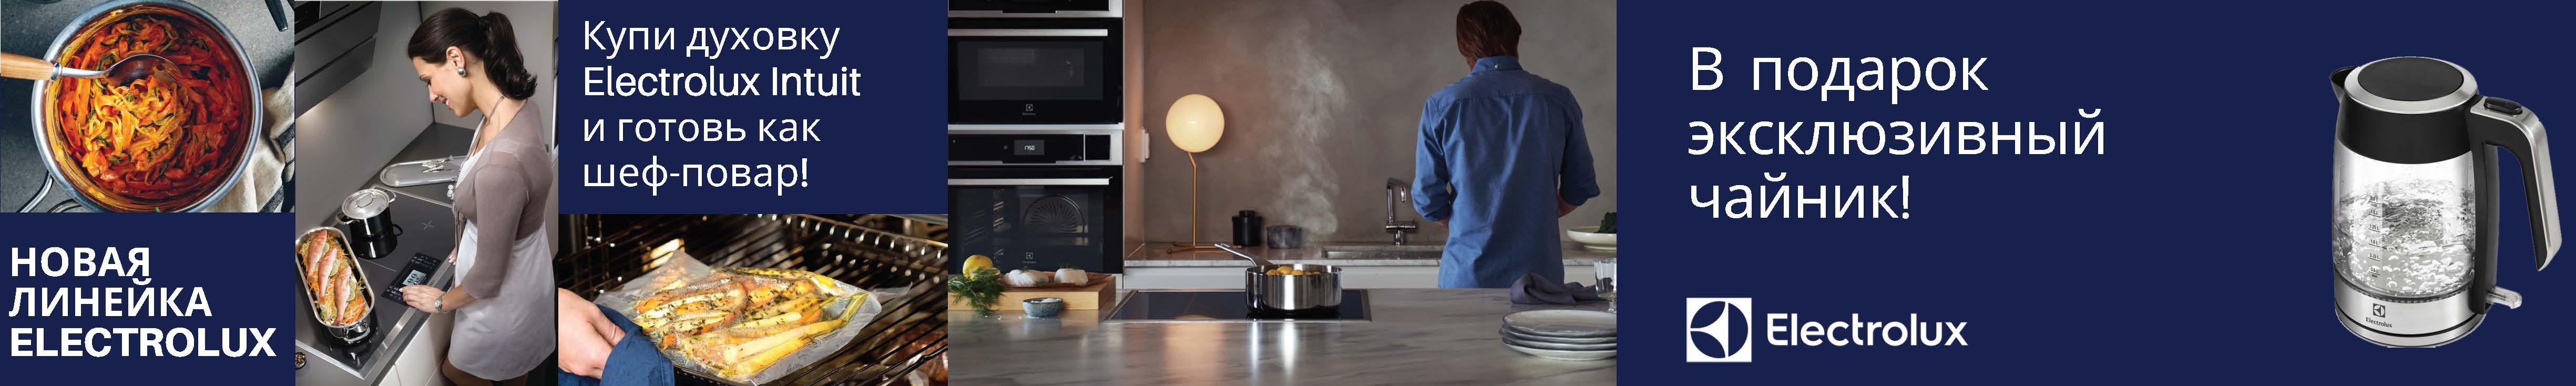 Новая линейка Electrolux можете готовить так, как вам нравится, с результатом, достойным лучших ресторанов.